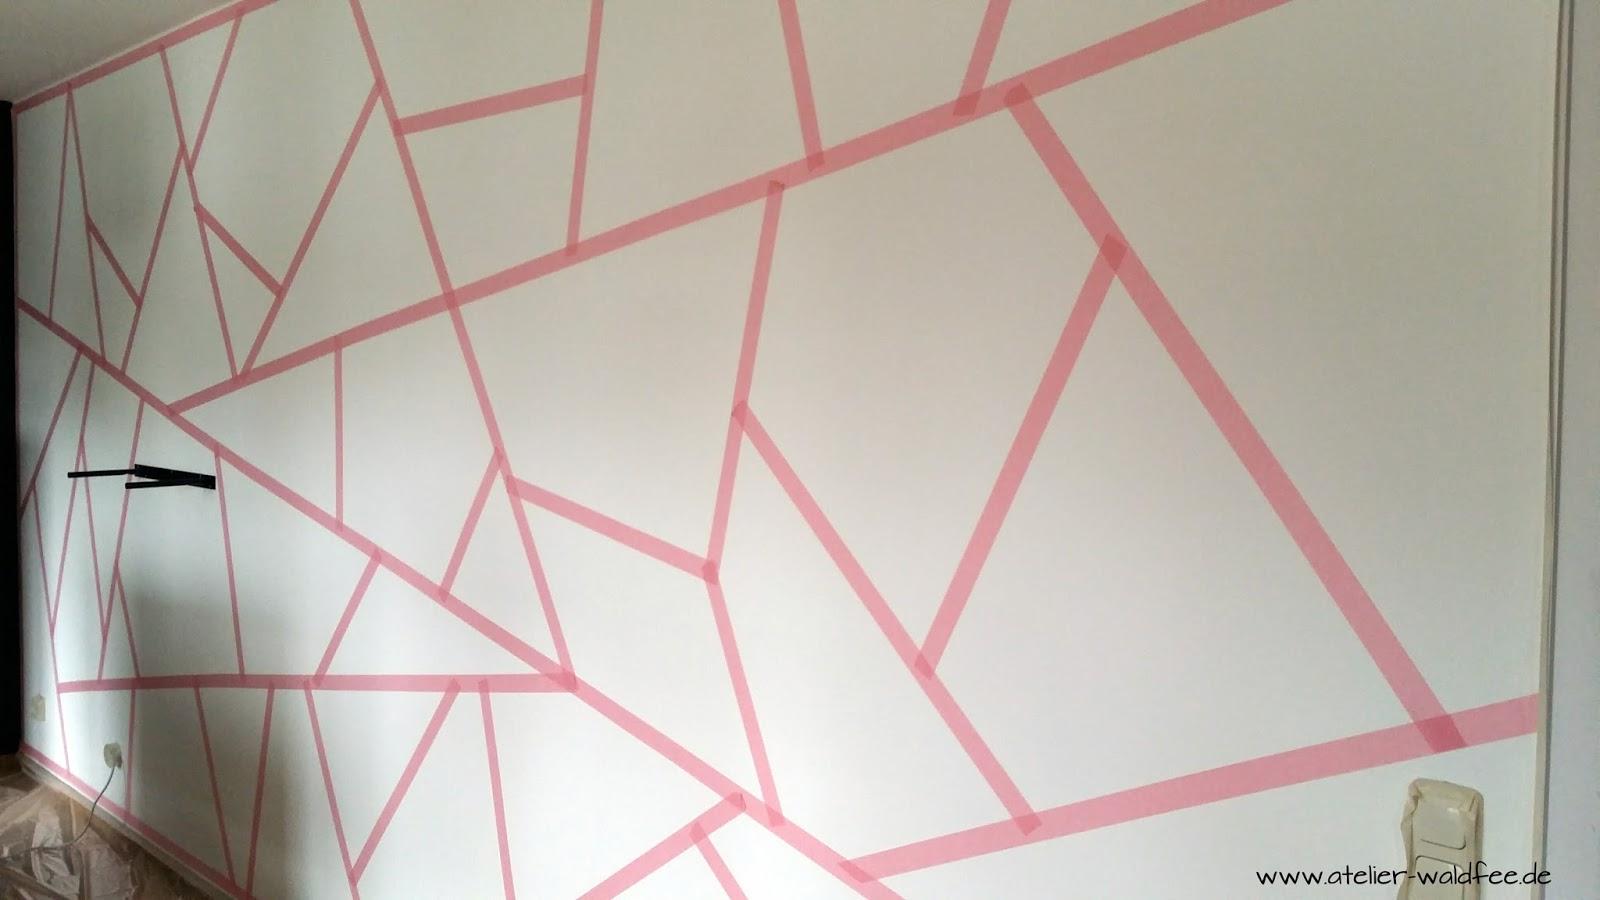 atelier waldfee: wohnzimmer im neuen geometric-look